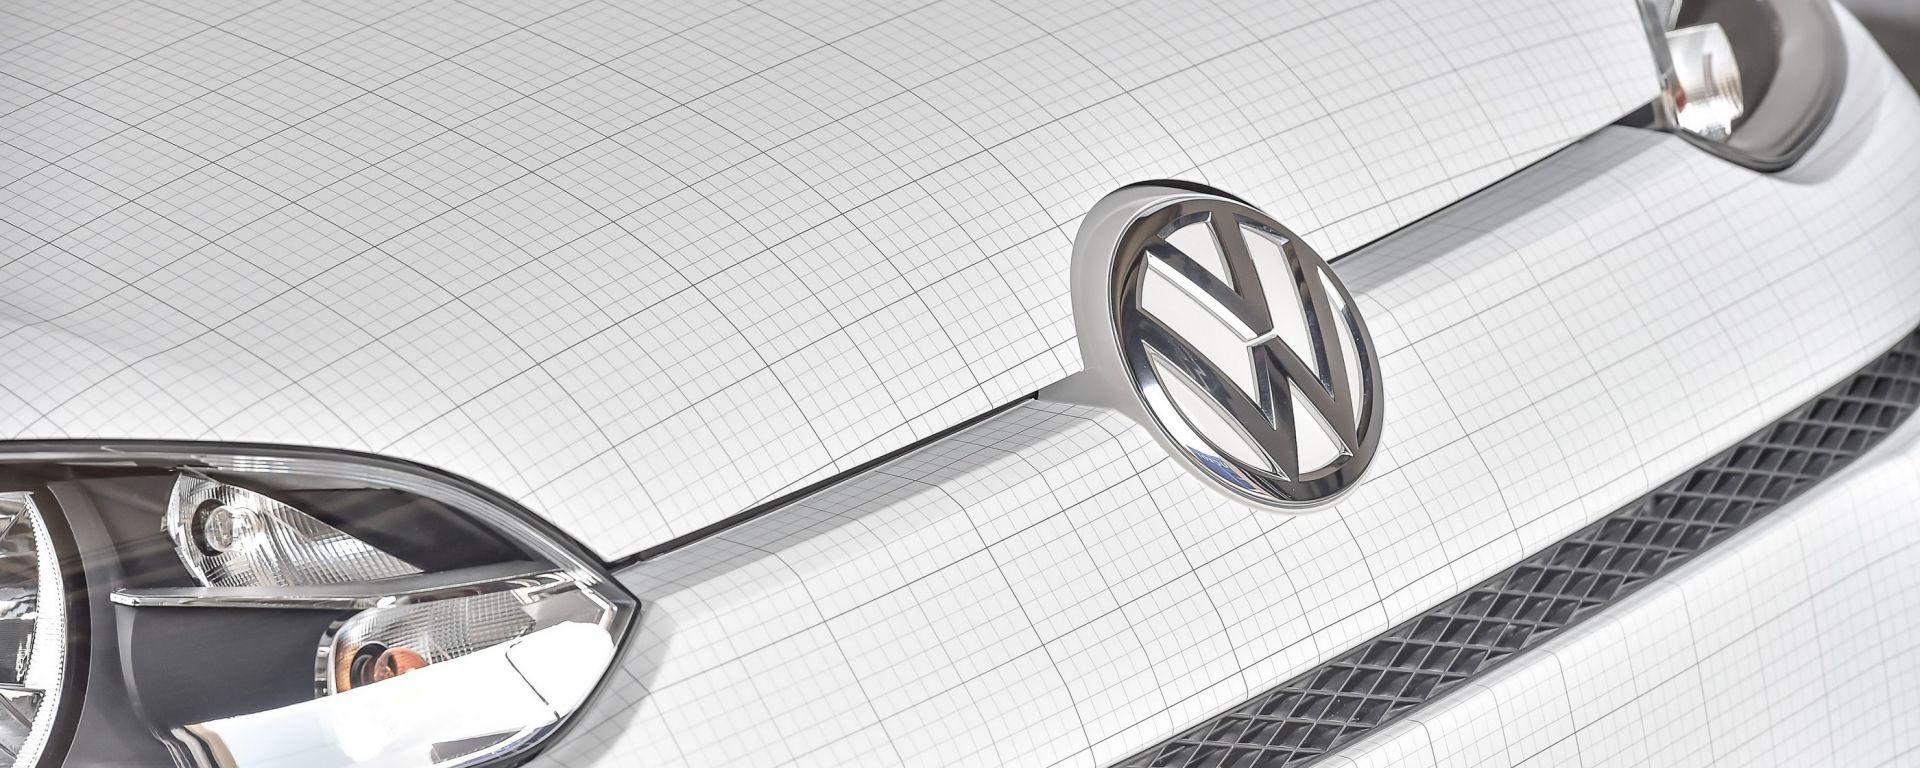 Volkswagen up! by Garage Italia Customs